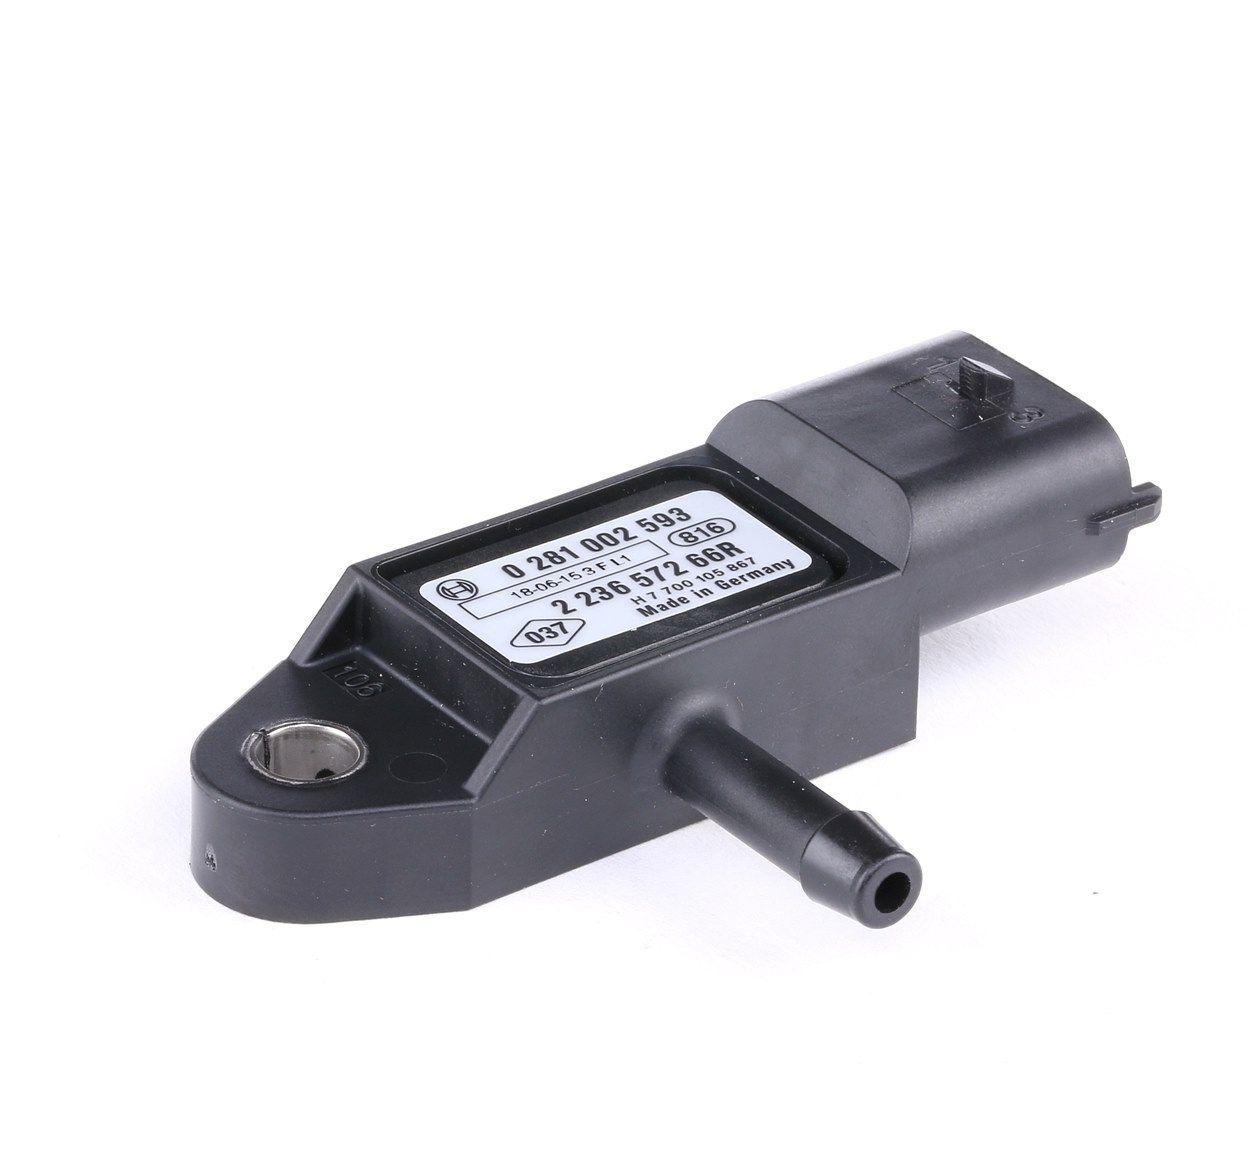 Achetez Capteurs, relais, unités de commande BOSCH 0 281 002 593 () à un rapport qualité-prix exceptionnel